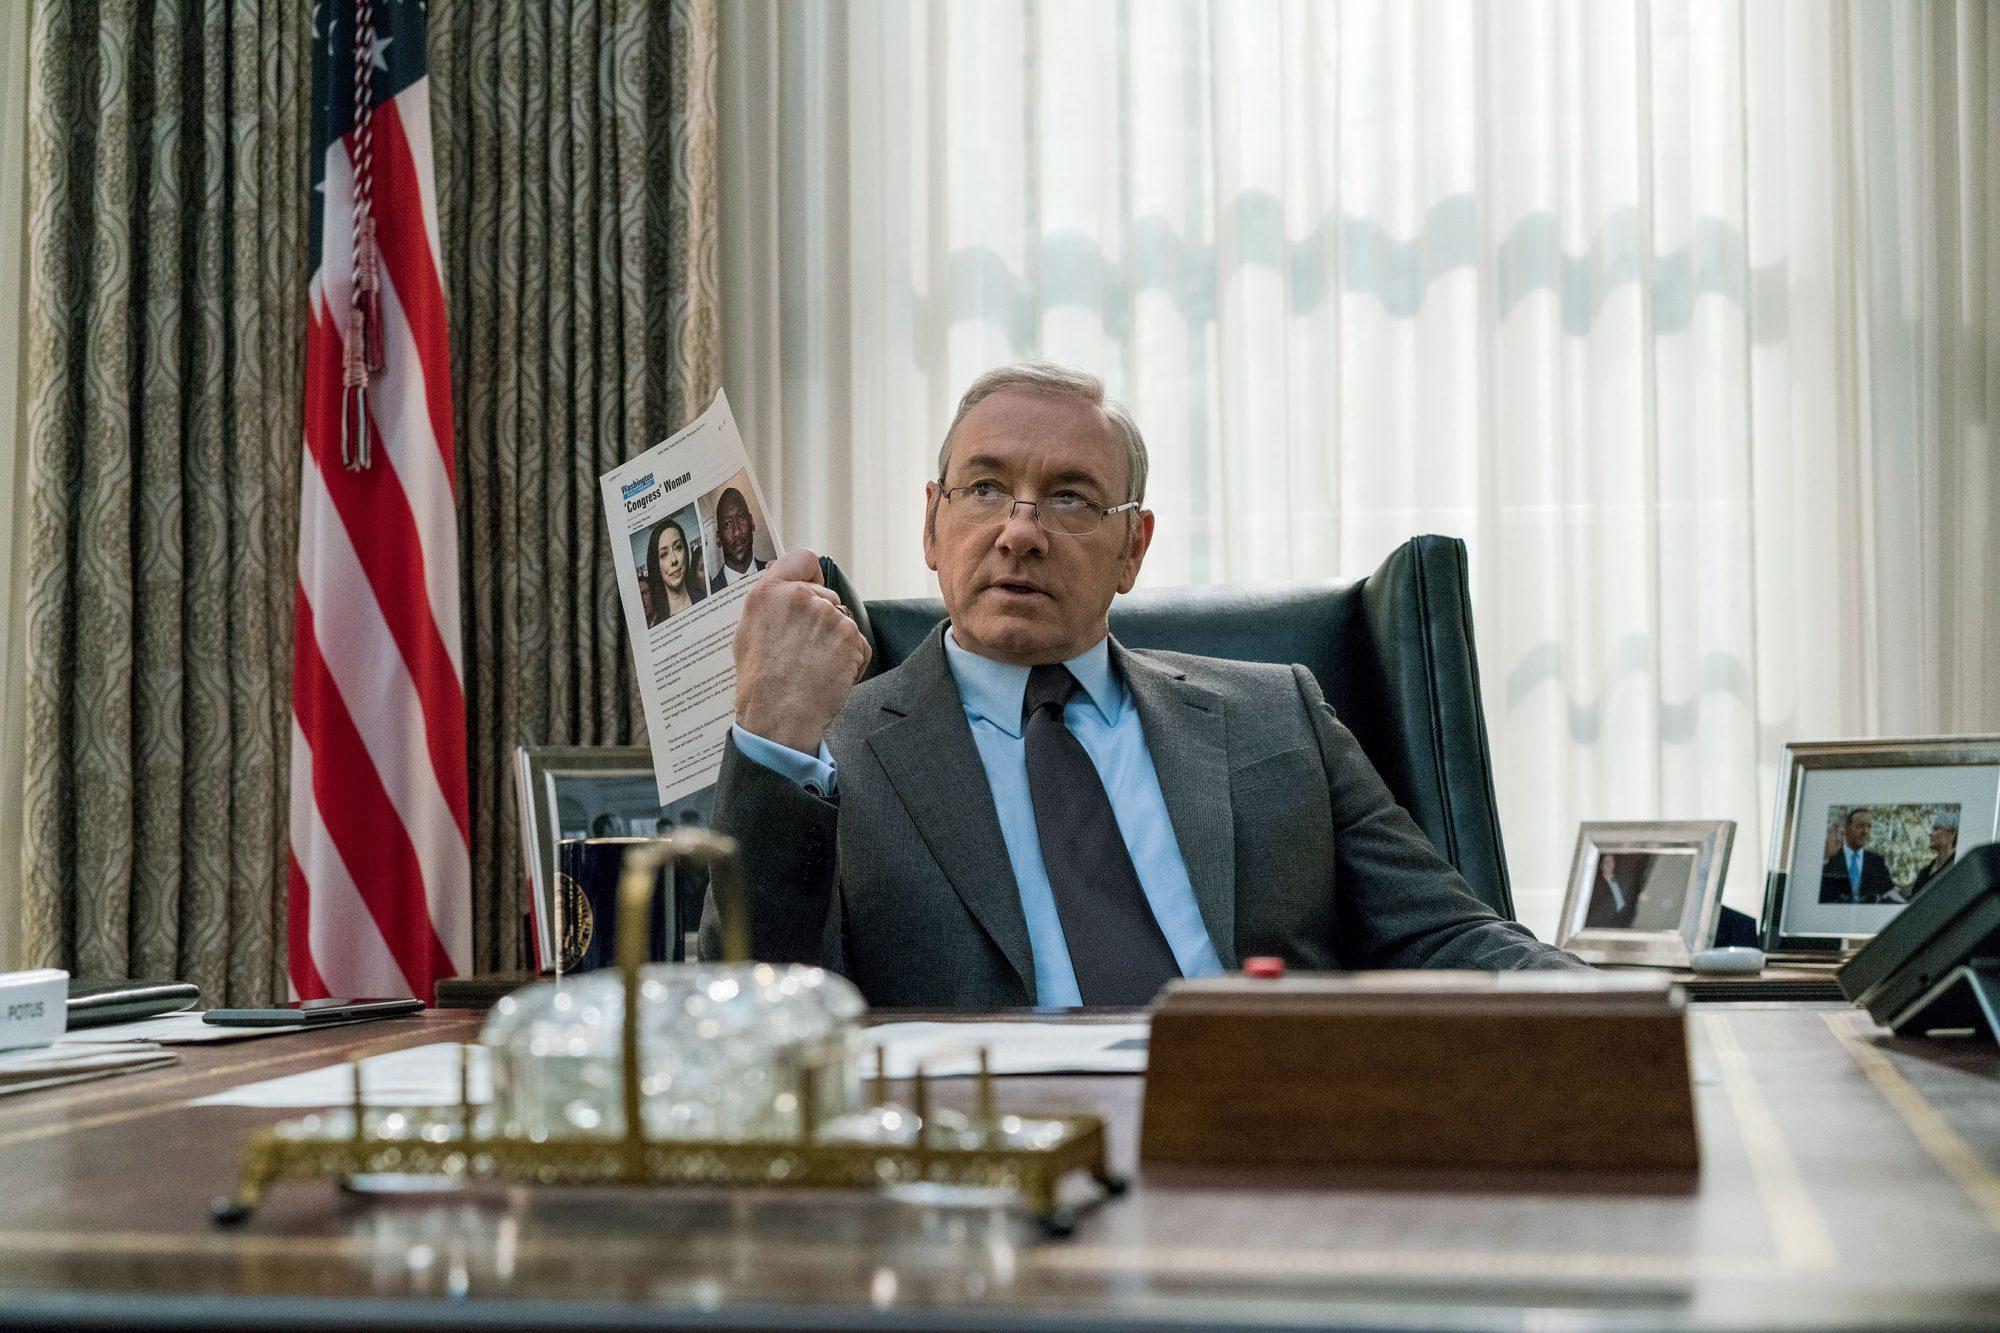 RECAP: House of Cards Season 5, Ep.10